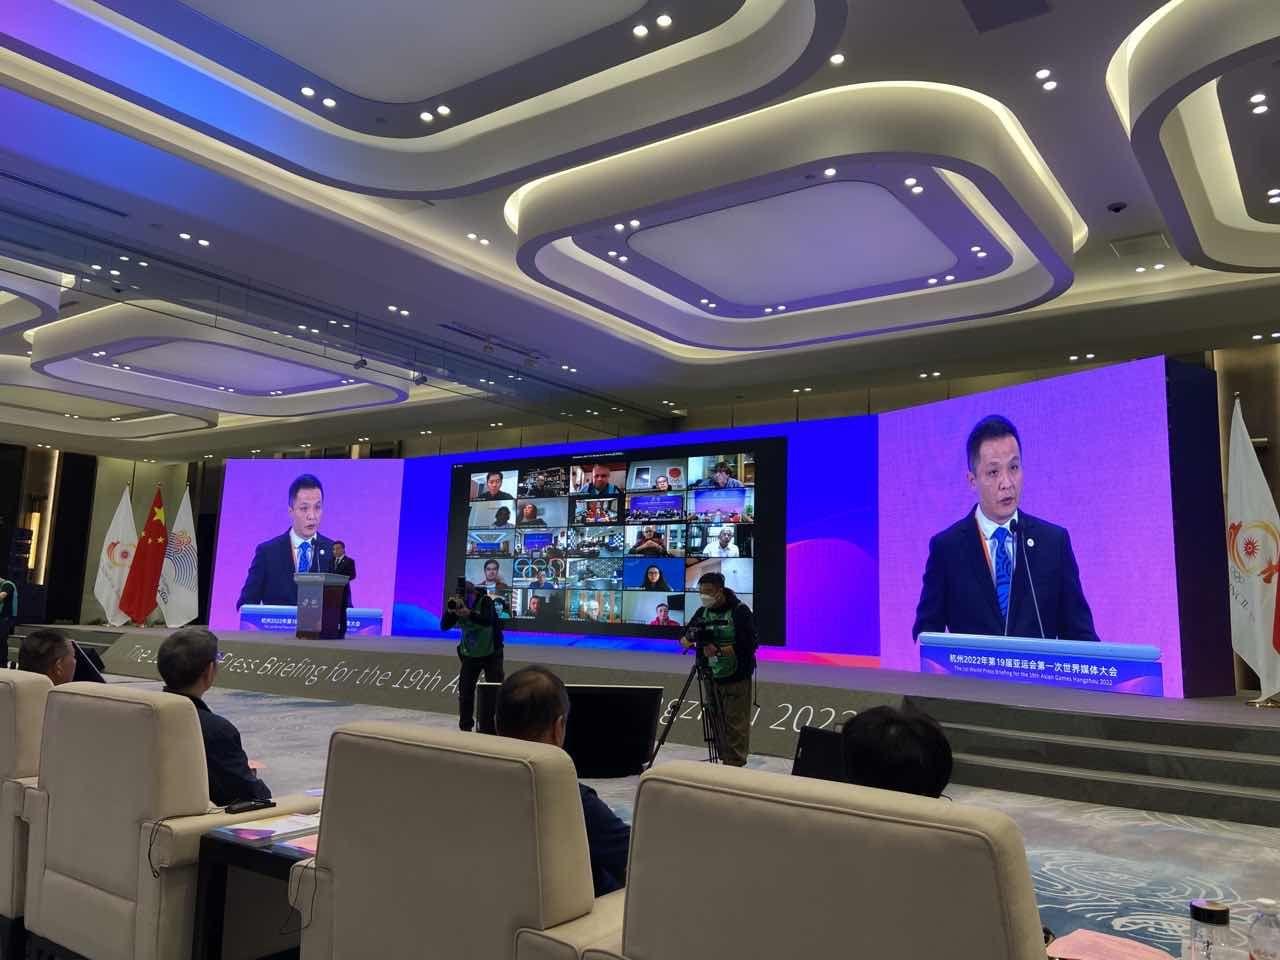 杭州亚运会第一次世界媒体大会